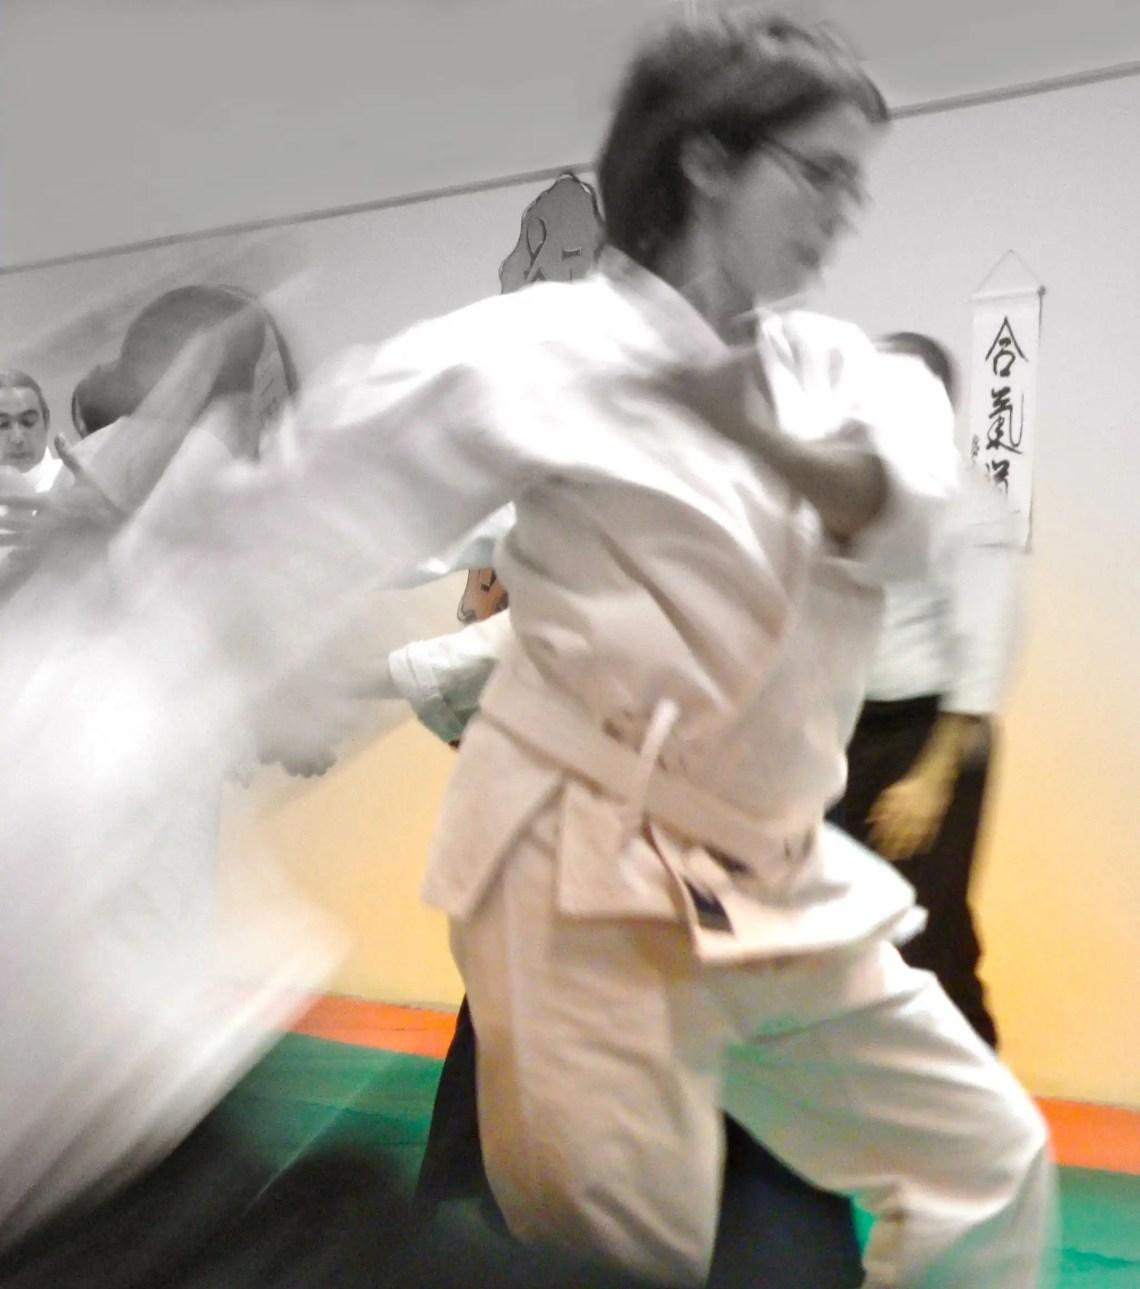 Aikido e maternità, Il bello dell'Aikido, Aiki No Kokoro Boves, Scuola di Aikido Cuneo